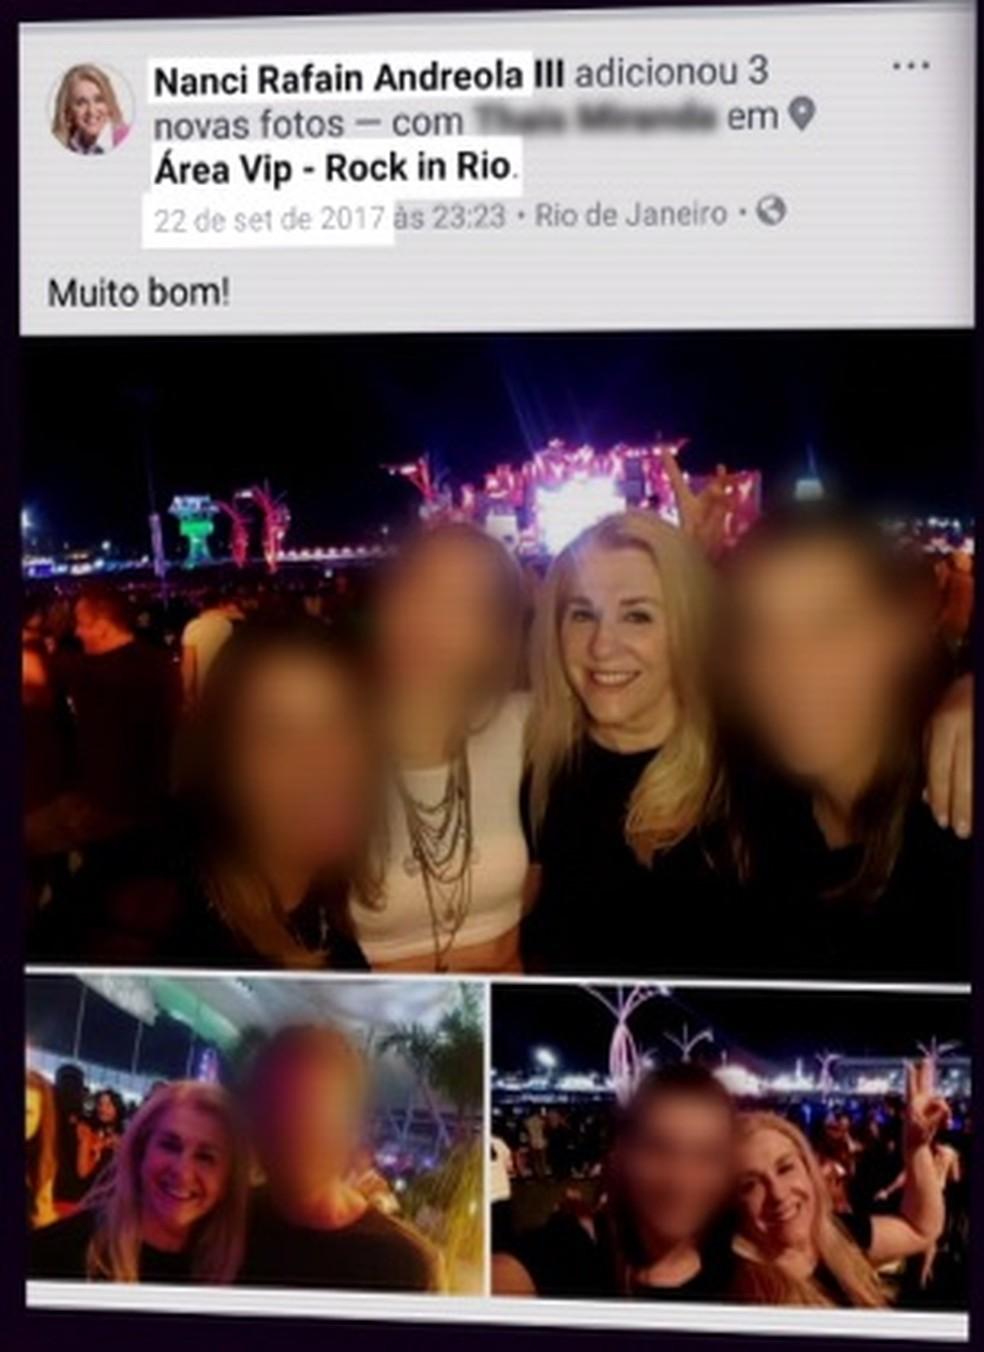 Nanci Andreola postou fotos nas redes sociais do dia em que esteve no Rock in Rio (Foto: Reprodução/Facebook)